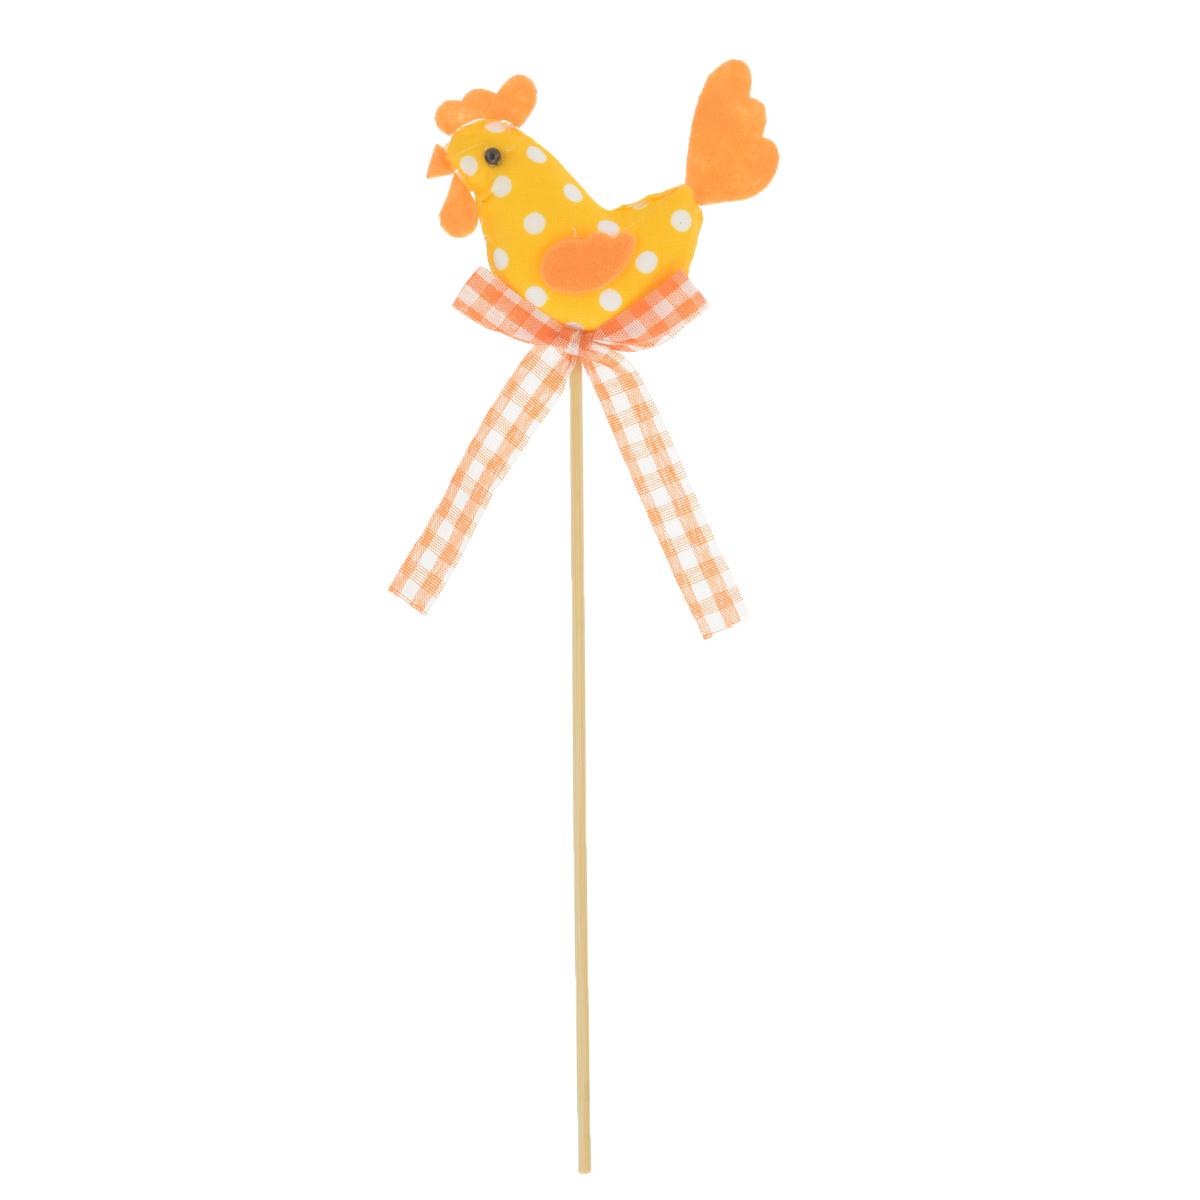 Декоративное пасхальное украшение на ножке Home Queen Петушок, цвет: оранжевый, высота 25 см64392_1Украшение пасхальное Home Queen Петушок изготовлено из высококачественного полиэстера и предназначено для украшения праздничного стола. Украшение выполнено в виде петушка на деревянной шпажке и украшено текстильным бантом. Такое украшение прекрасно дополнит подарок для друзей и близких на Пасху. Высота: 25 см. Размер фигурки: 7,5 см х 1,5 см х 5,5 см.